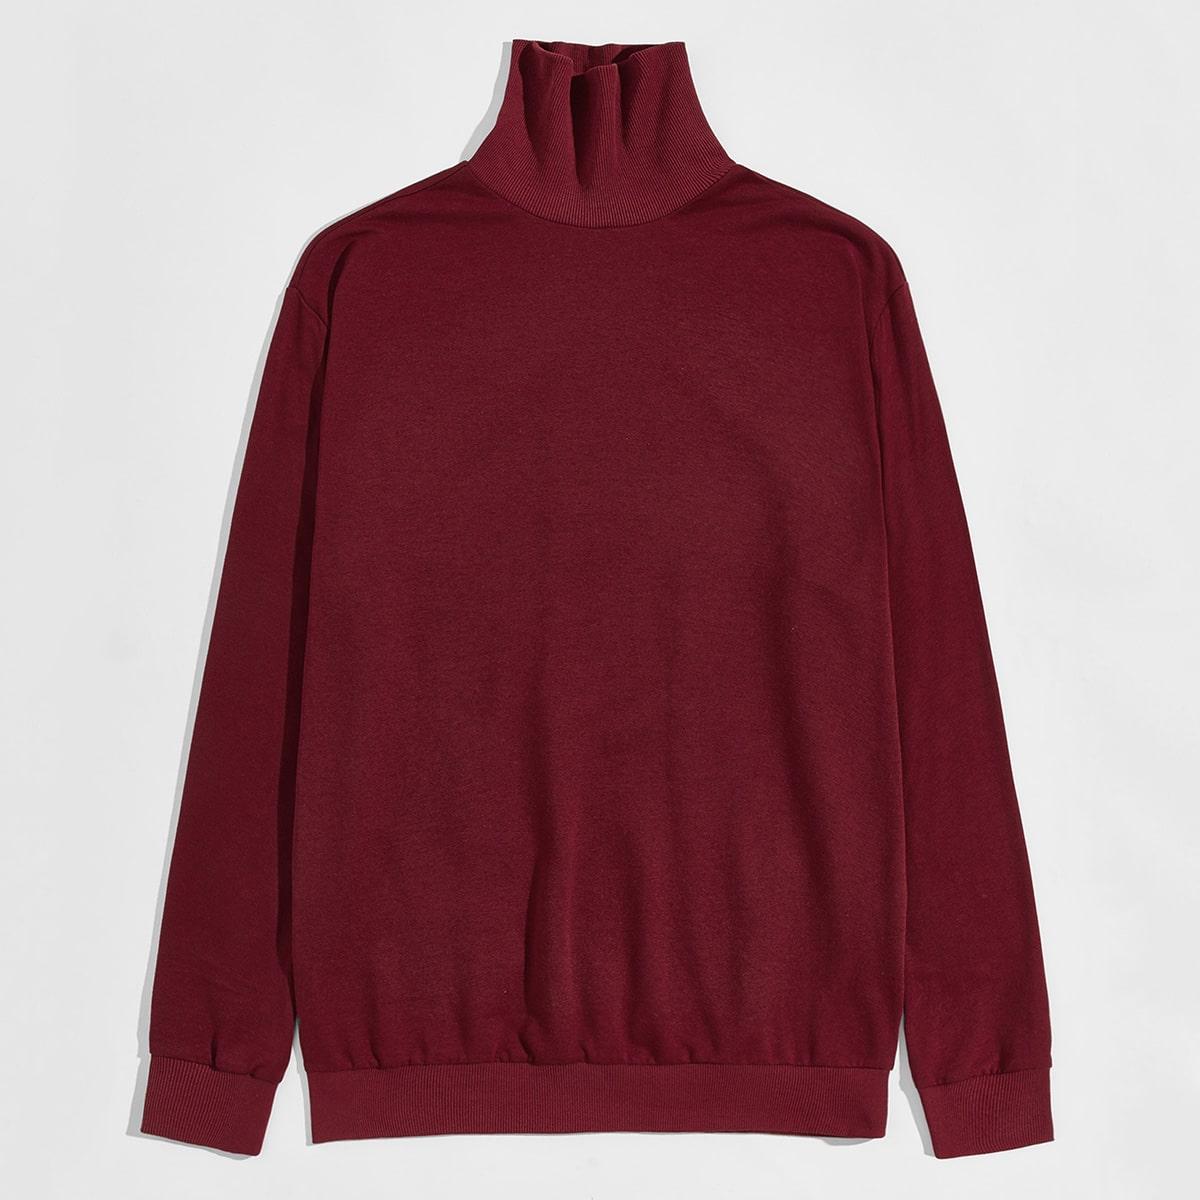 Мужской пуловер с высоким воротником от SHEIN